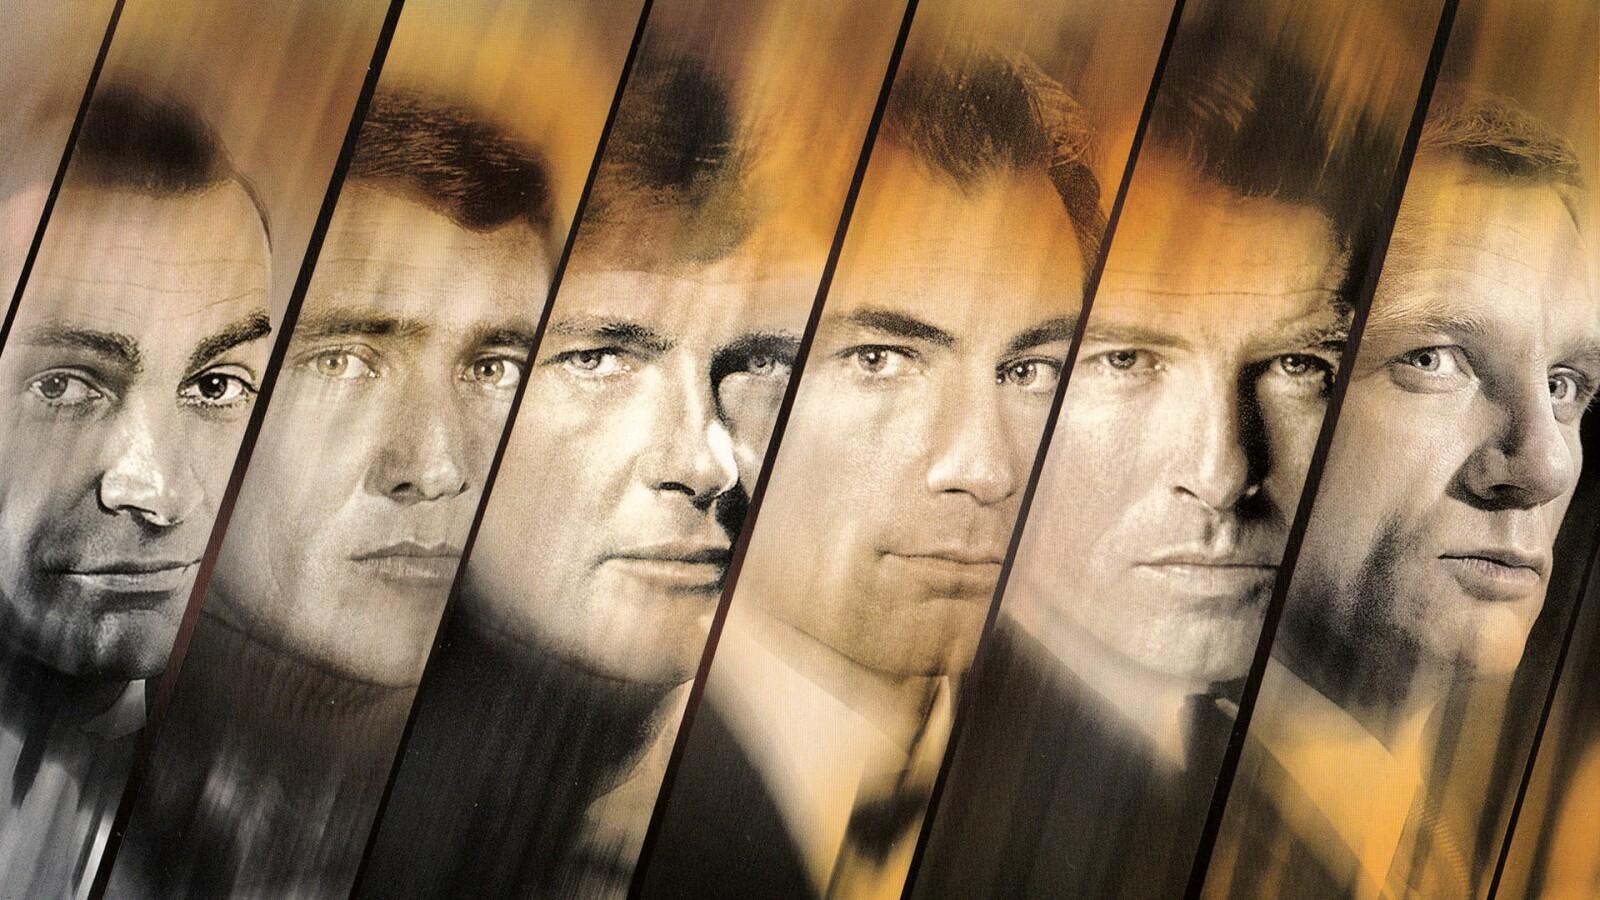 James-Bond-Reihenfolge: Connery bis Craig in chronologischer Ordnung